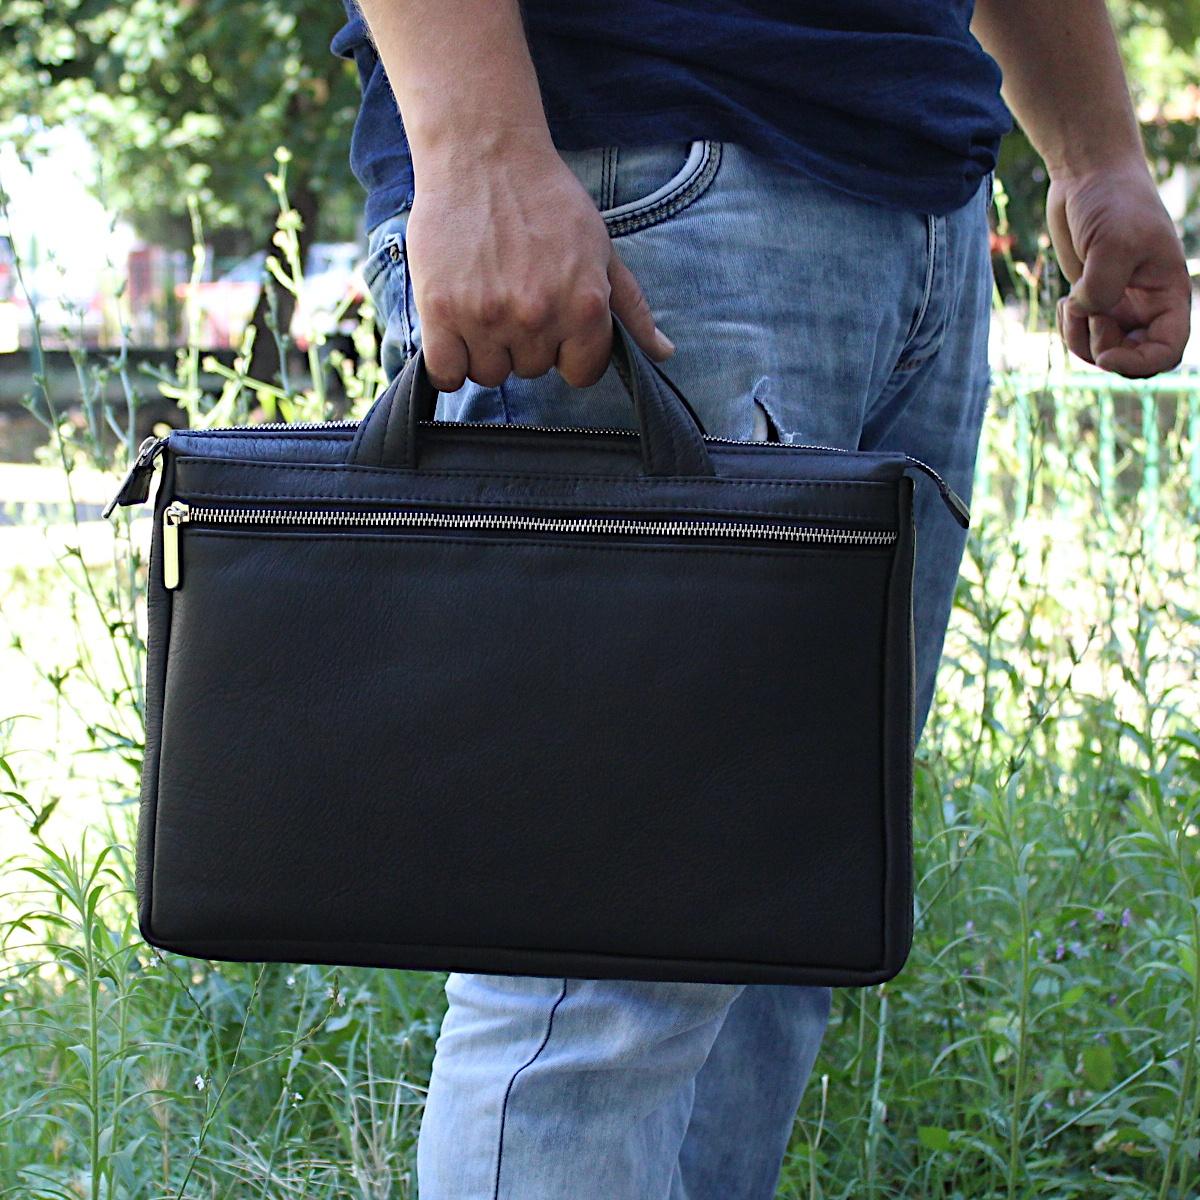 ръчно изработена черна мъжка бизнес чанта от естествена кожа цветна